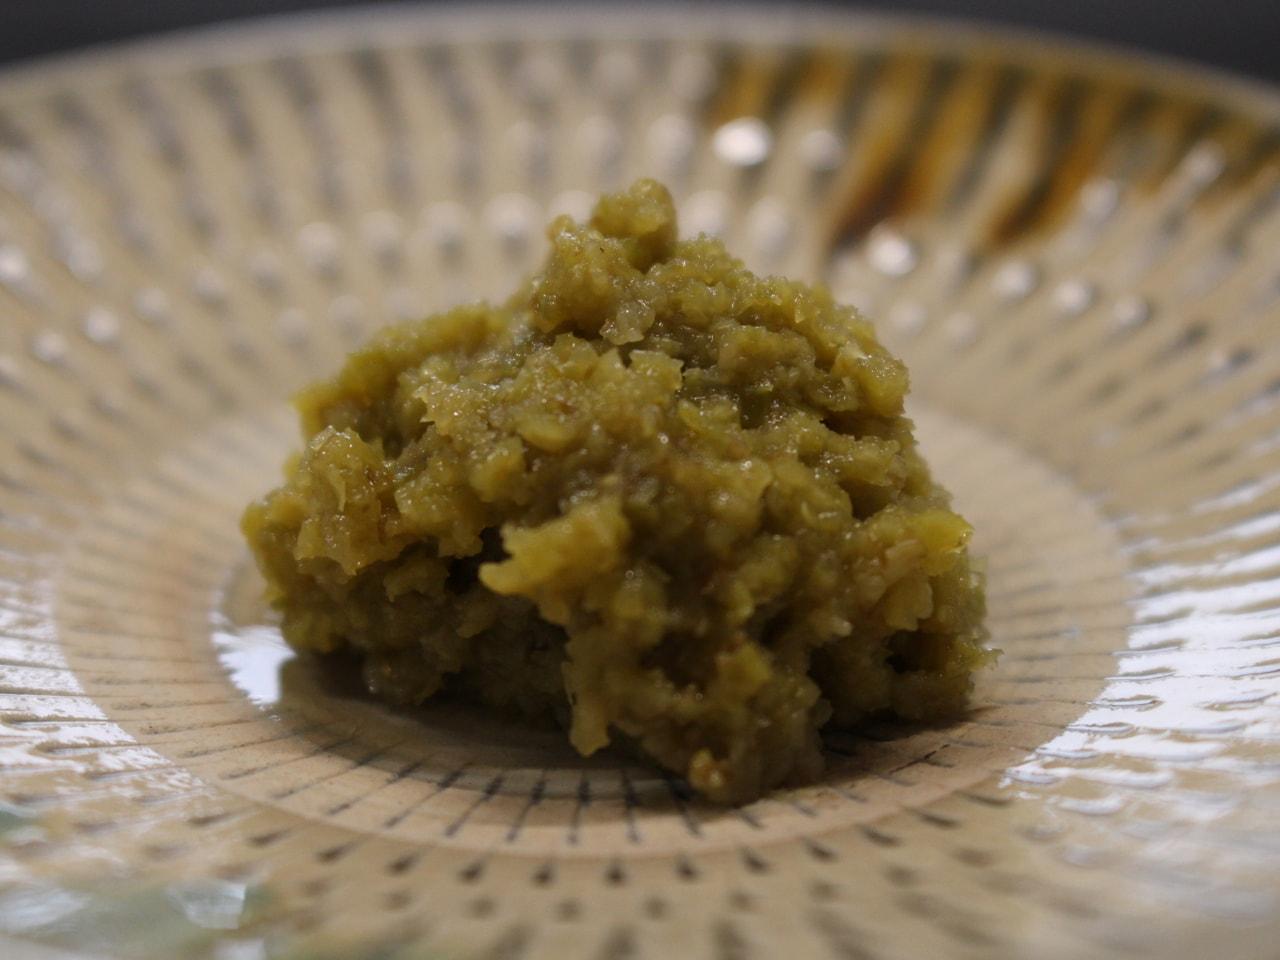 キービジュアル画像:大分県産の鮮度のよい原料を使った、風味が際立つ魔法の薬味